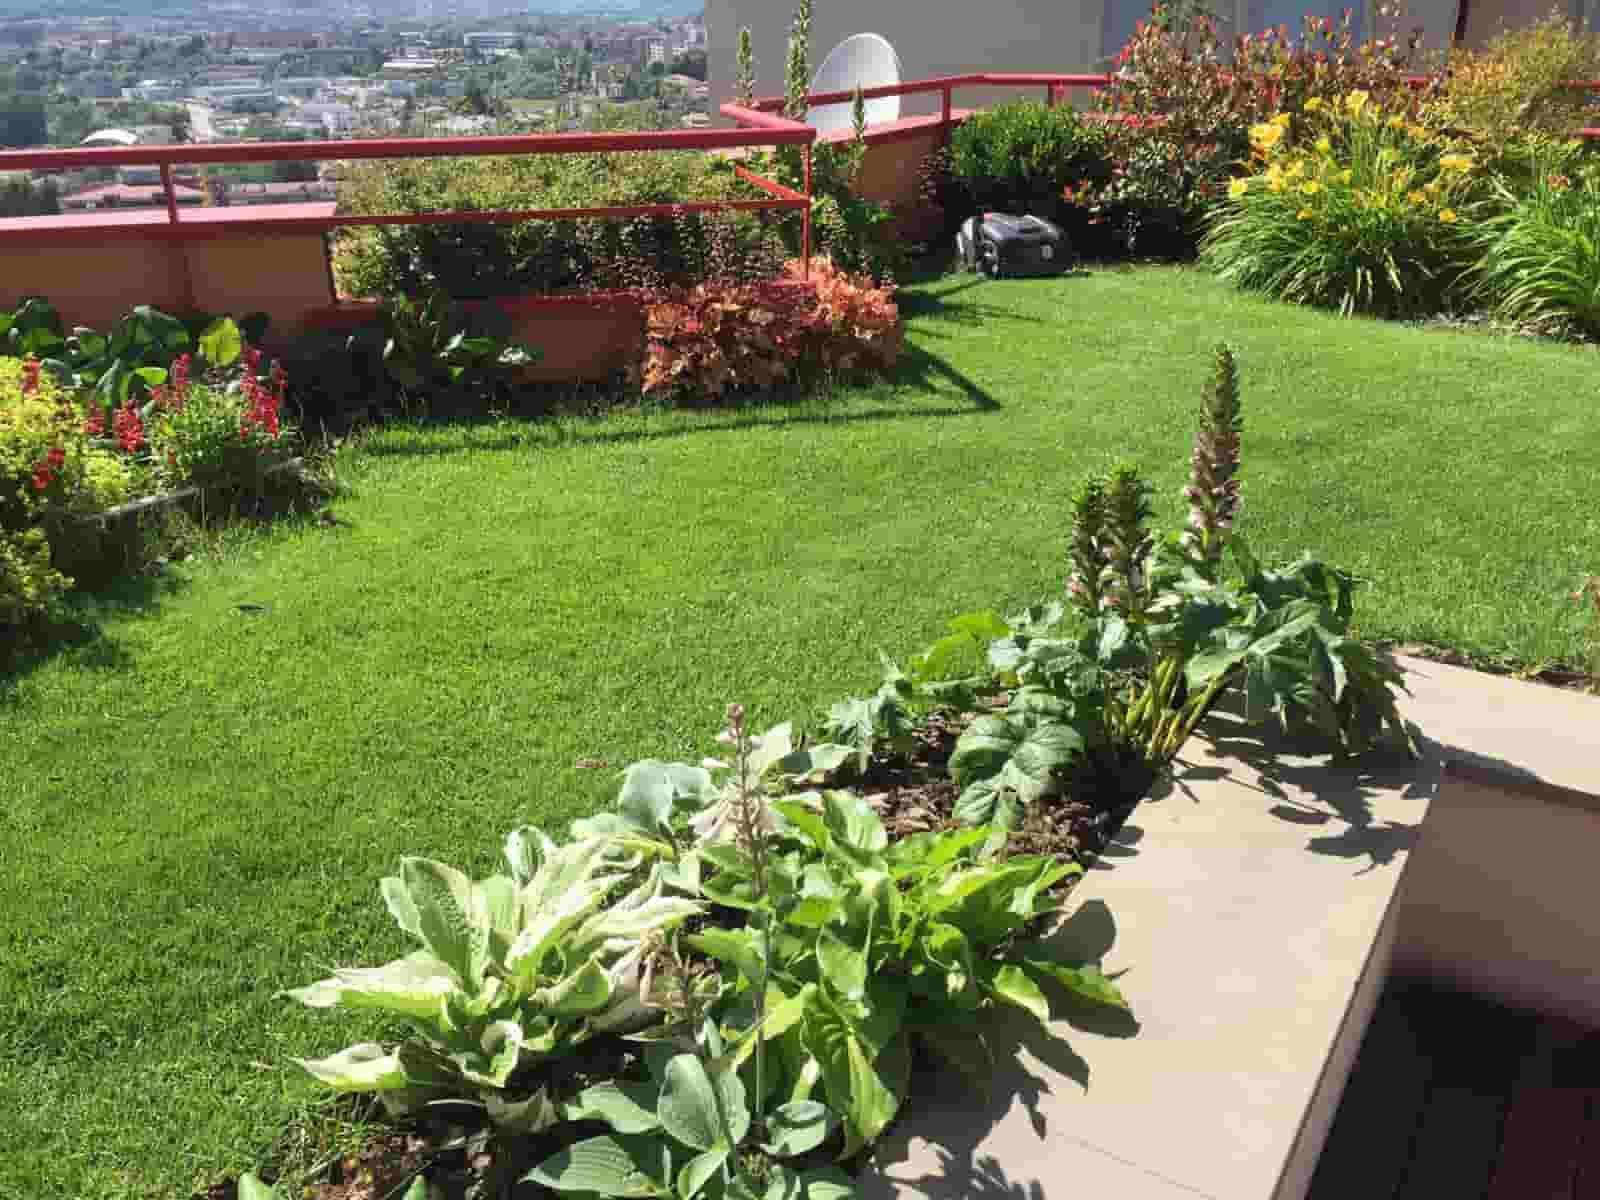 Progettare Un Giardino In Campagna giardini e ricostruzione. intervista alla dottoressa